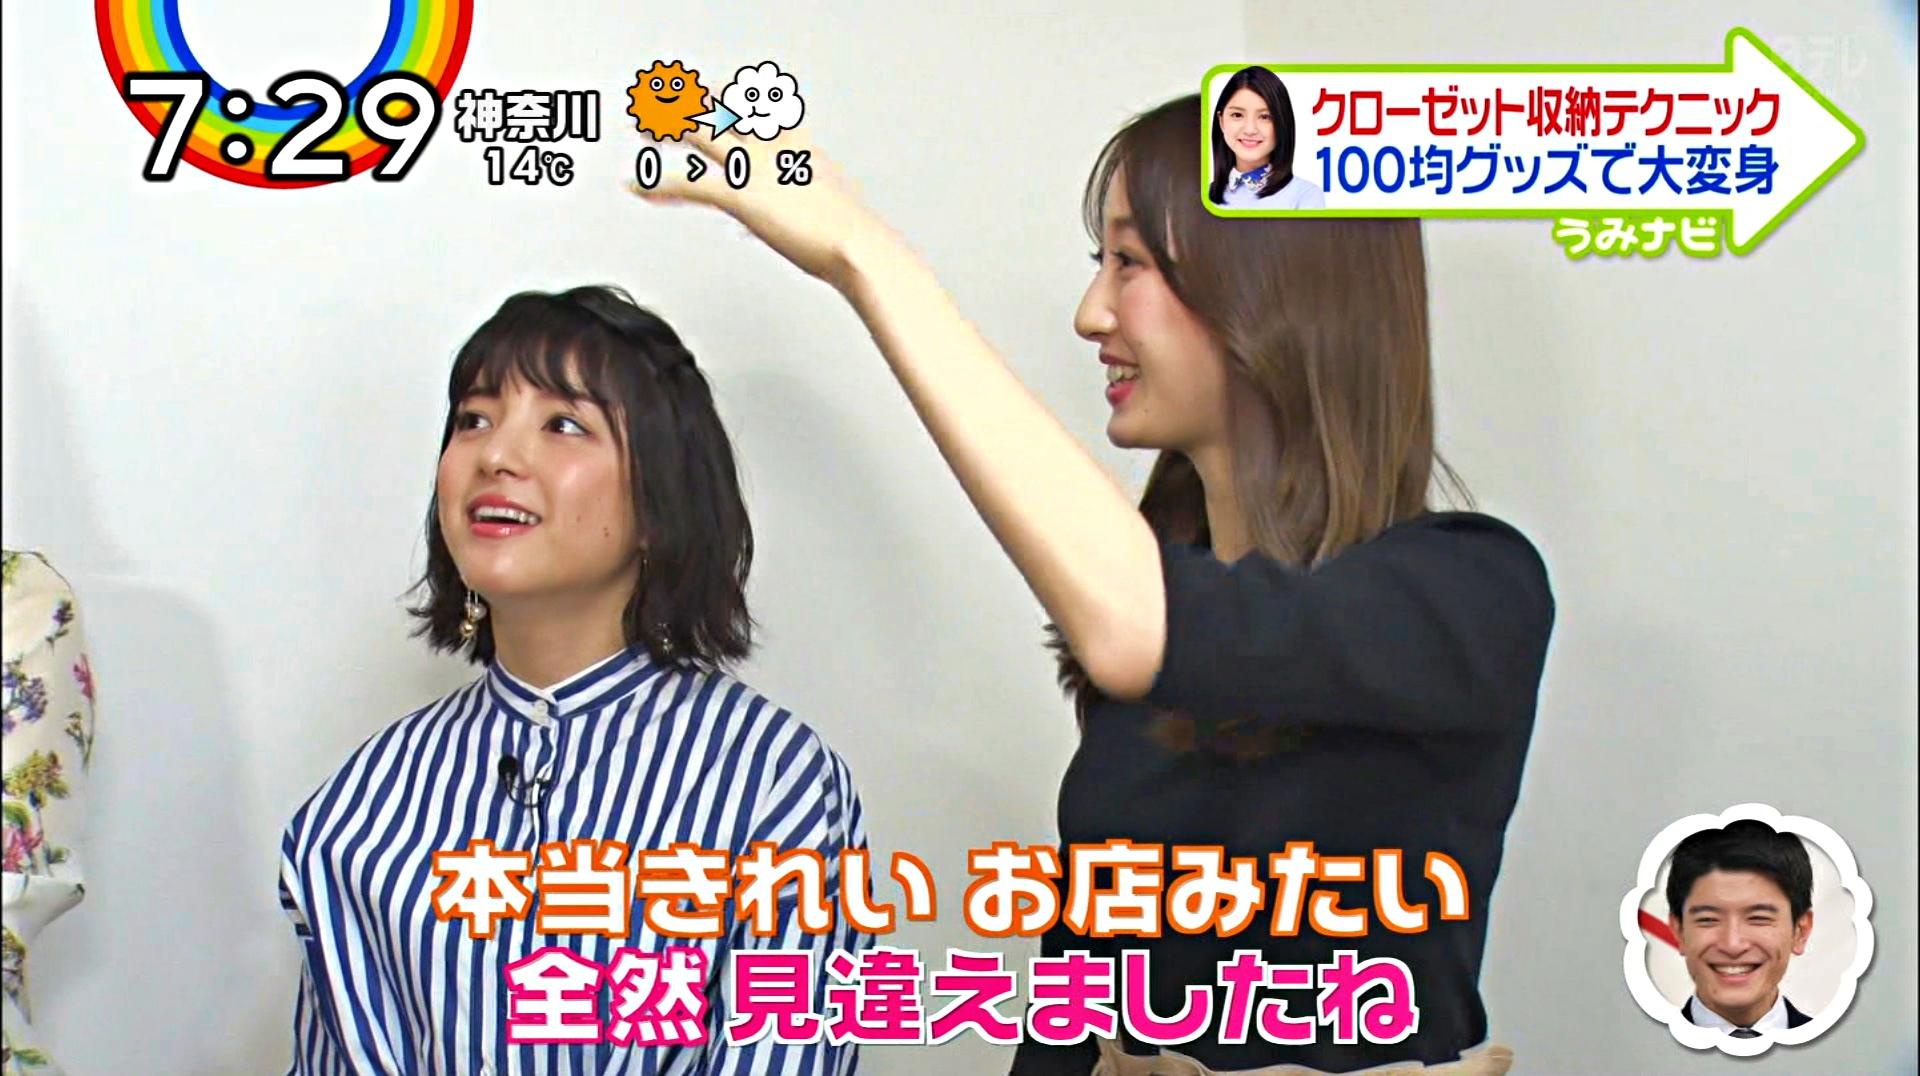 2019年3月15日のZIP!・團遥香さんのテレビキャプチャー画像-016